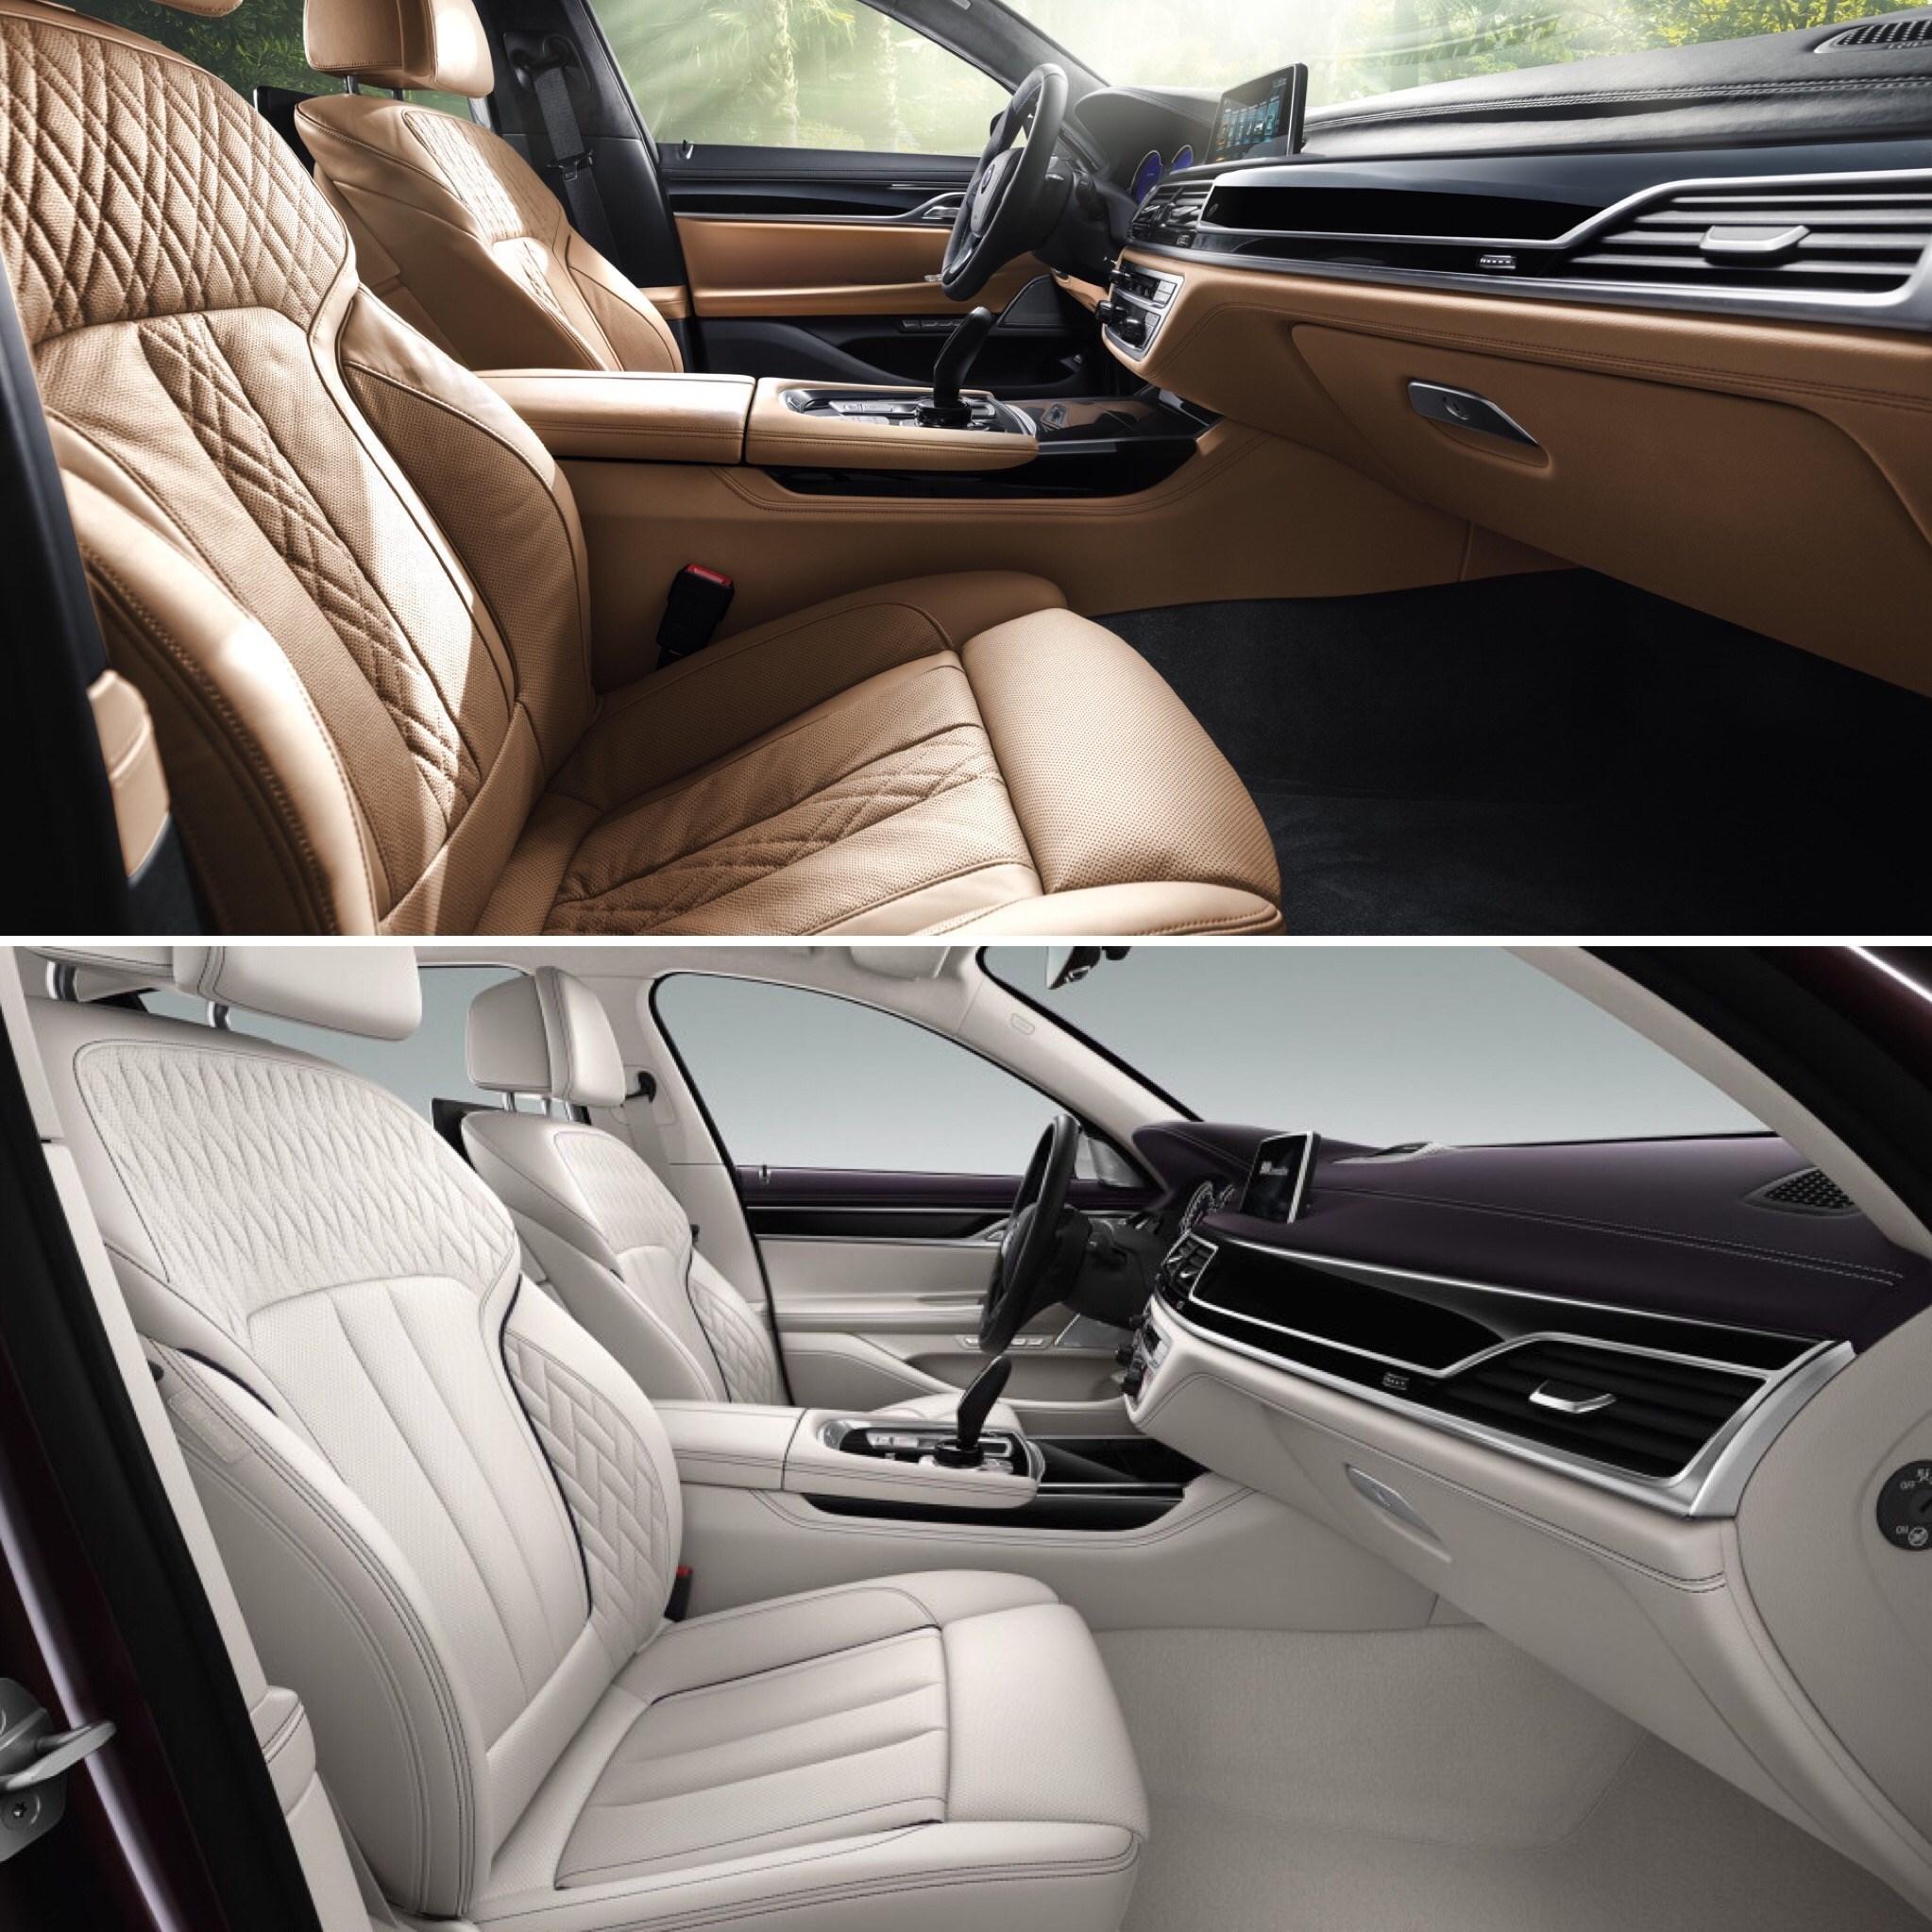 واردات خودرو لوکس مشخصات بی ام و ماشین های لوکس در ایران قیمت ماشین های لوکس قیمت انواع بی ام و خودرو گرانقیمت BMW Alpina